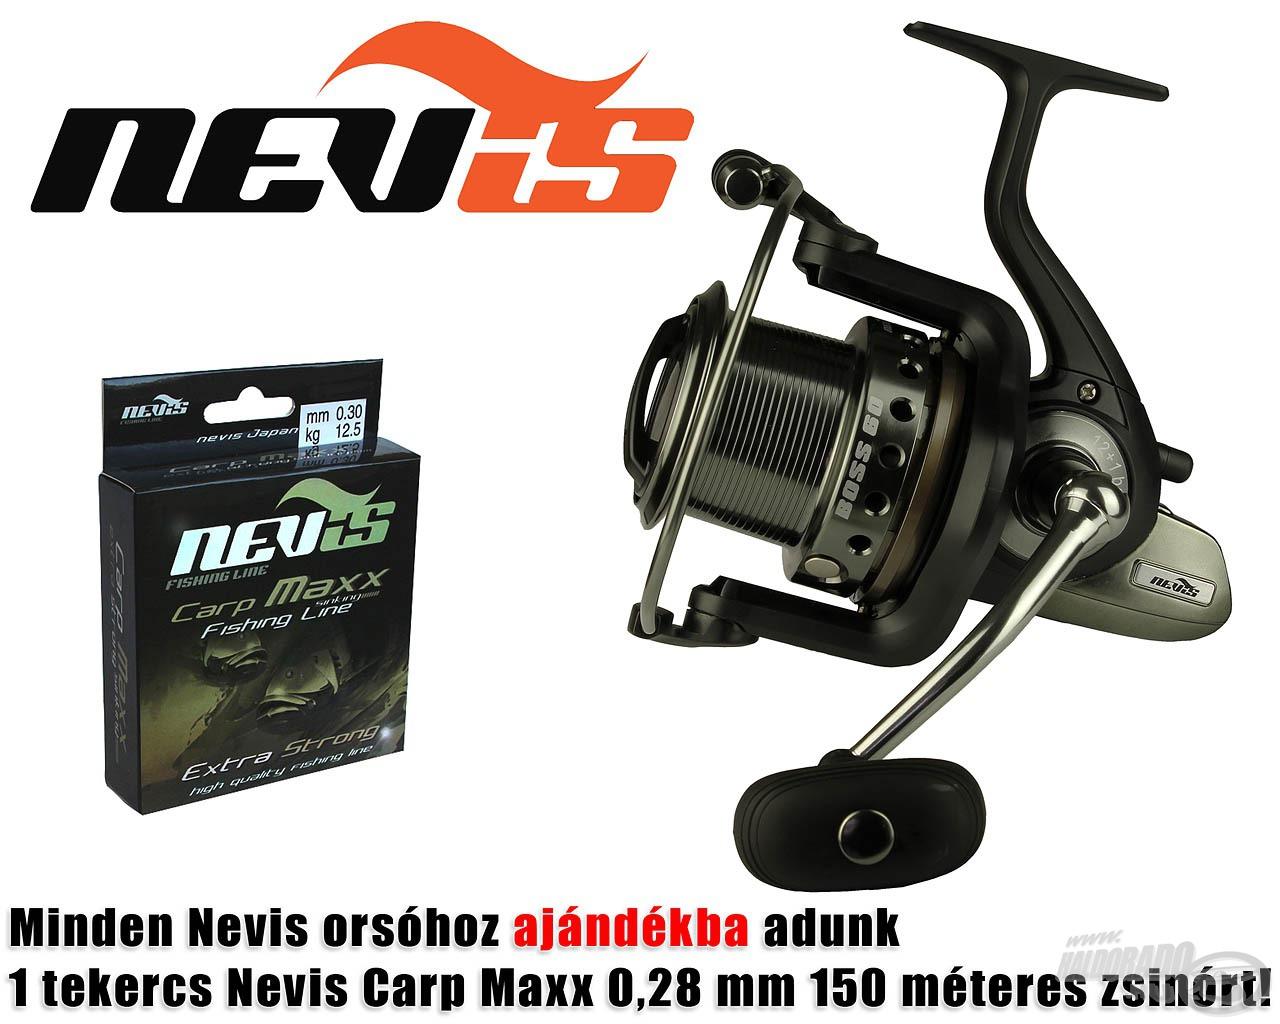 Minden Nevis orsóhoz 1 tekercs (150 m) Nevis Carp Maxx 0,28 mm-es zsinórt kap ajándékba a vásárló!